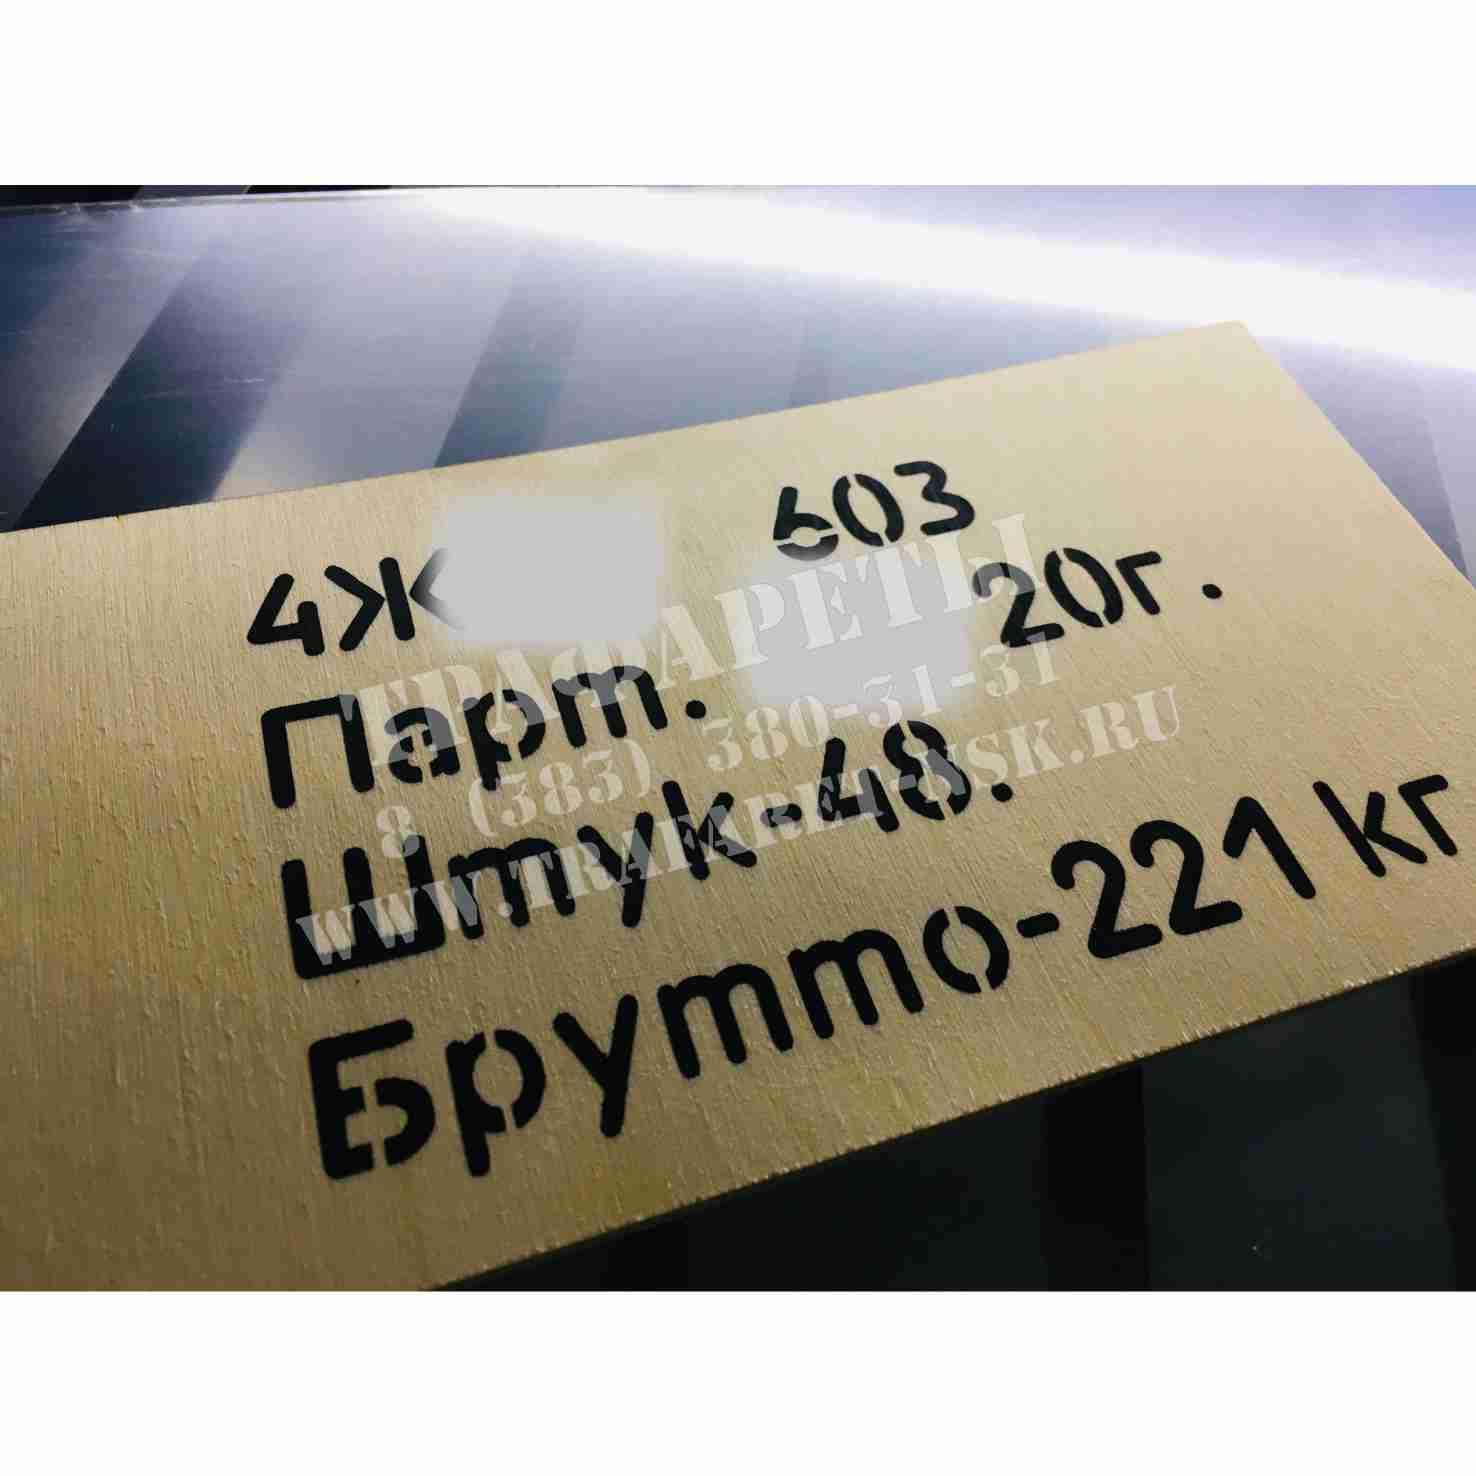 Трафарет для маркировки грузов. Маркировка партий товаров. Трафареты для маркировки